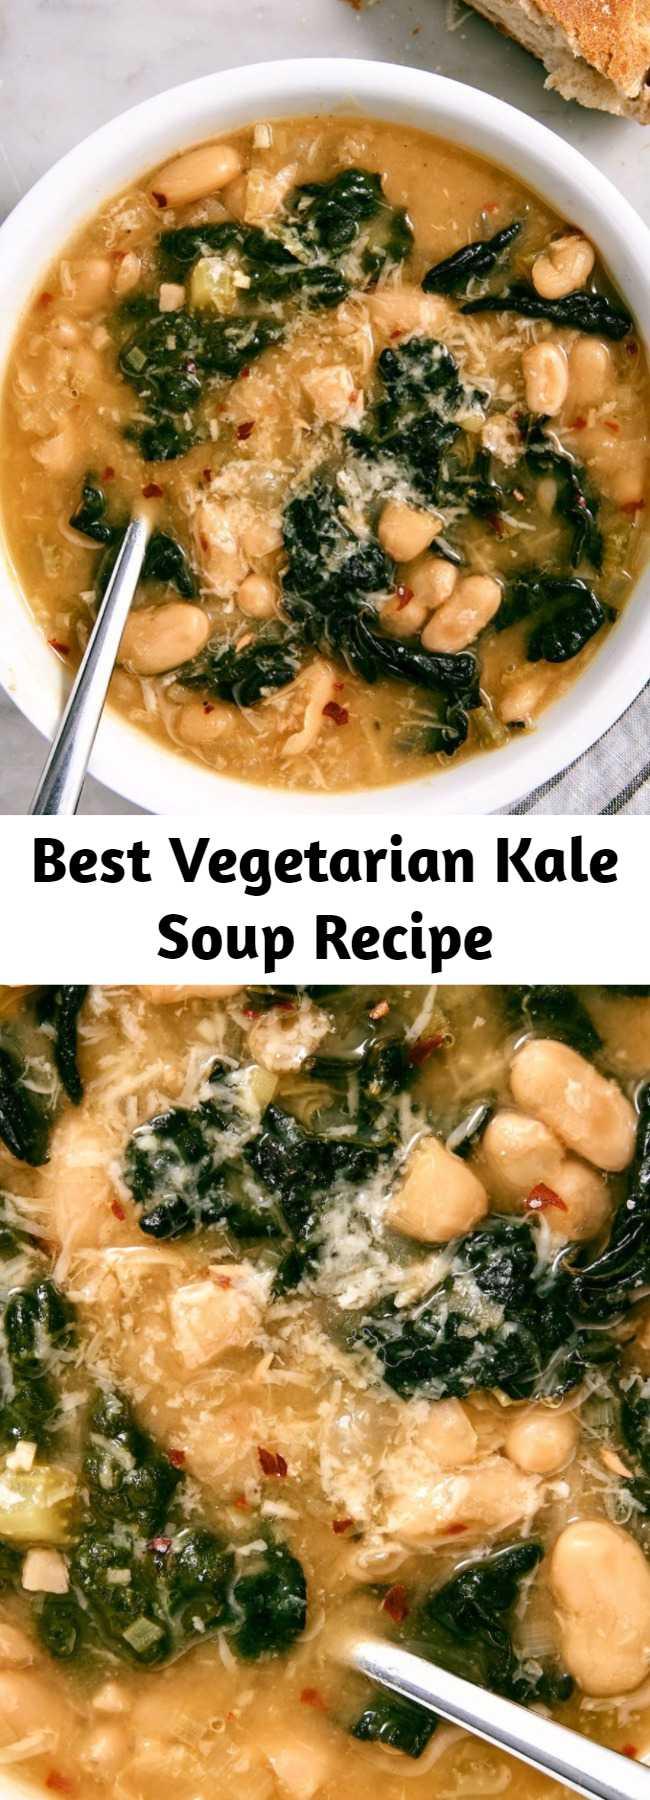 Best Vegetarian Kale Soup Recipe - Kale Soup is a hearty, vegetarian delight.